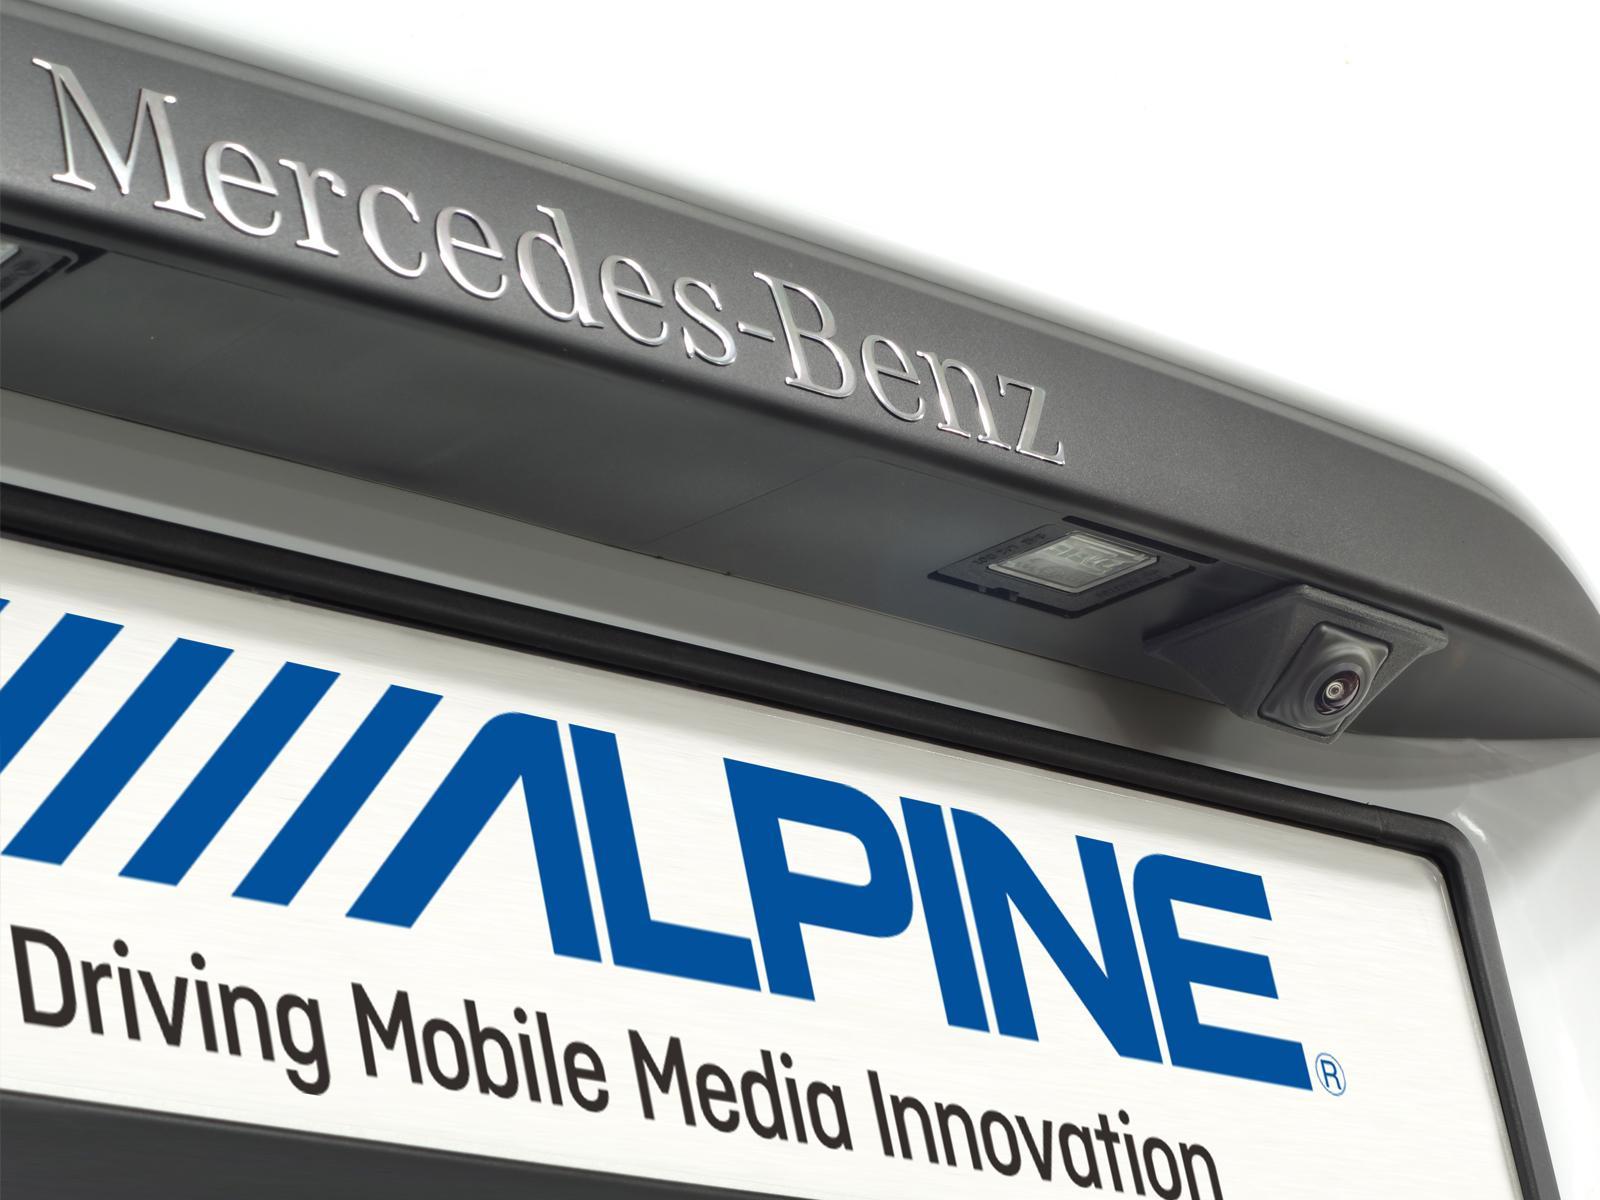 alpine kit r1v447 support de camera hce c252rd mercedes vito v447 306458. Black Bedroom Furniture Sets. Home Design Ideas